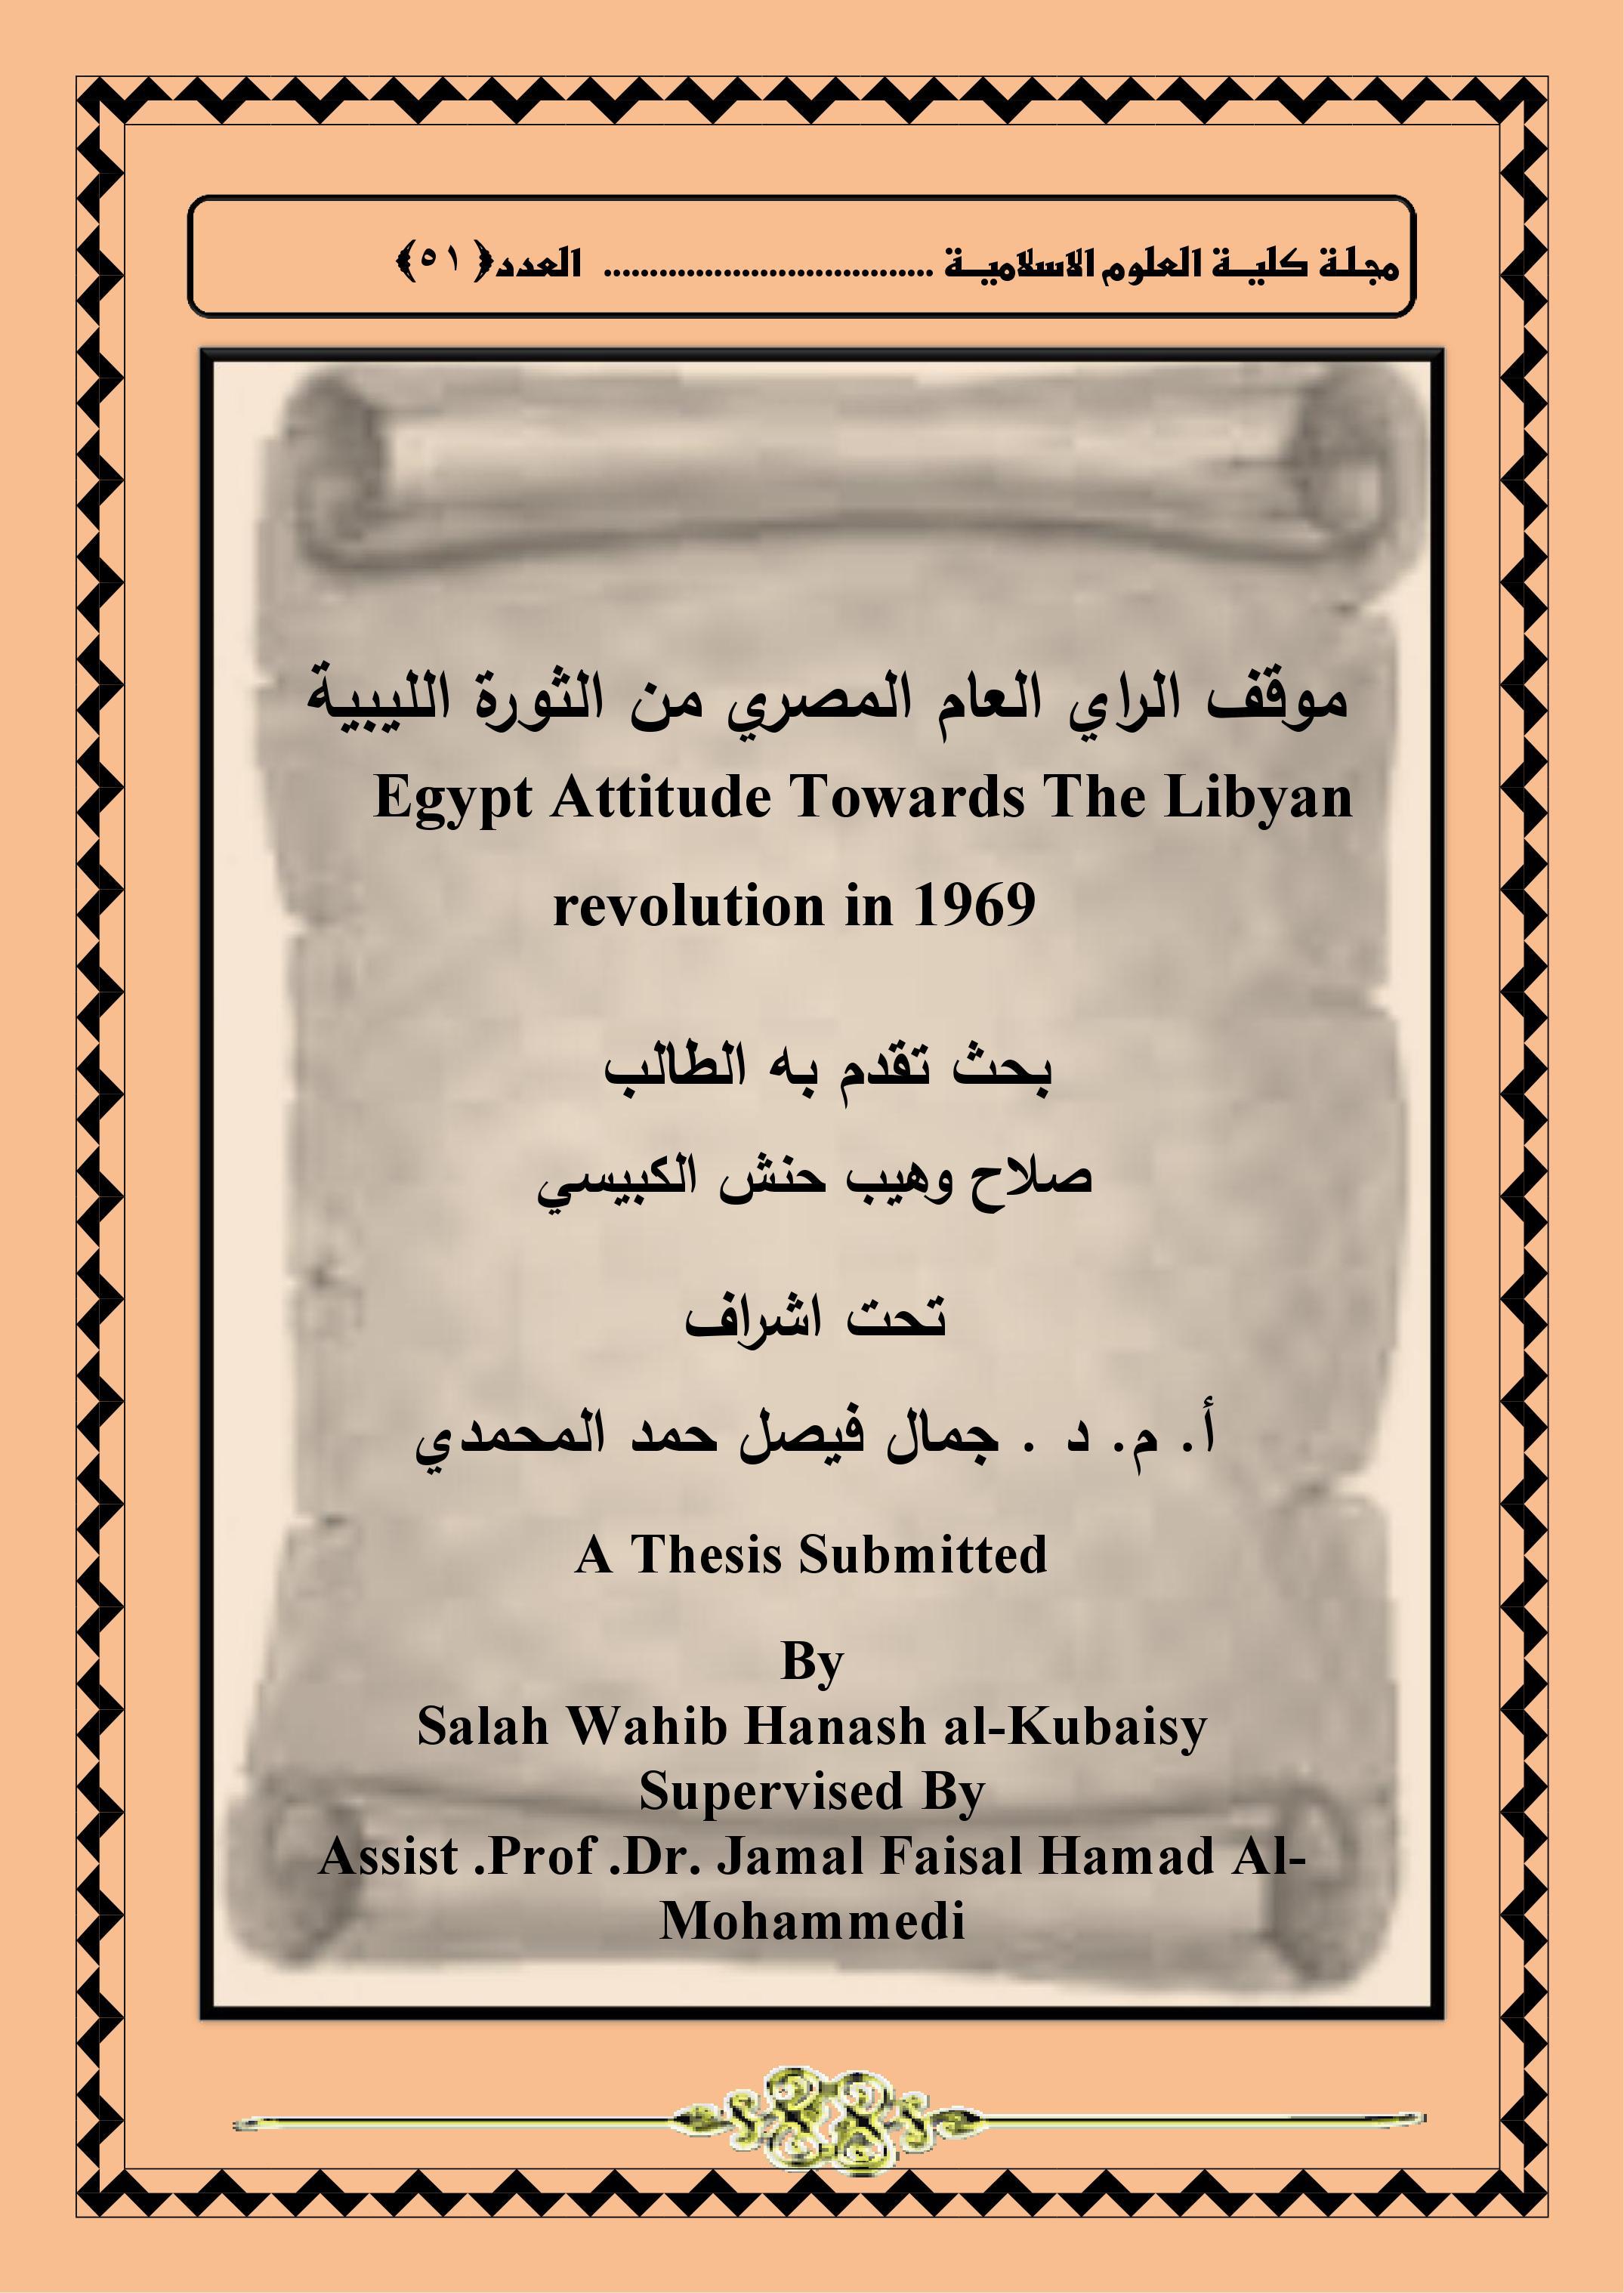 موقف الراي العام المصري من الثورة الميبية